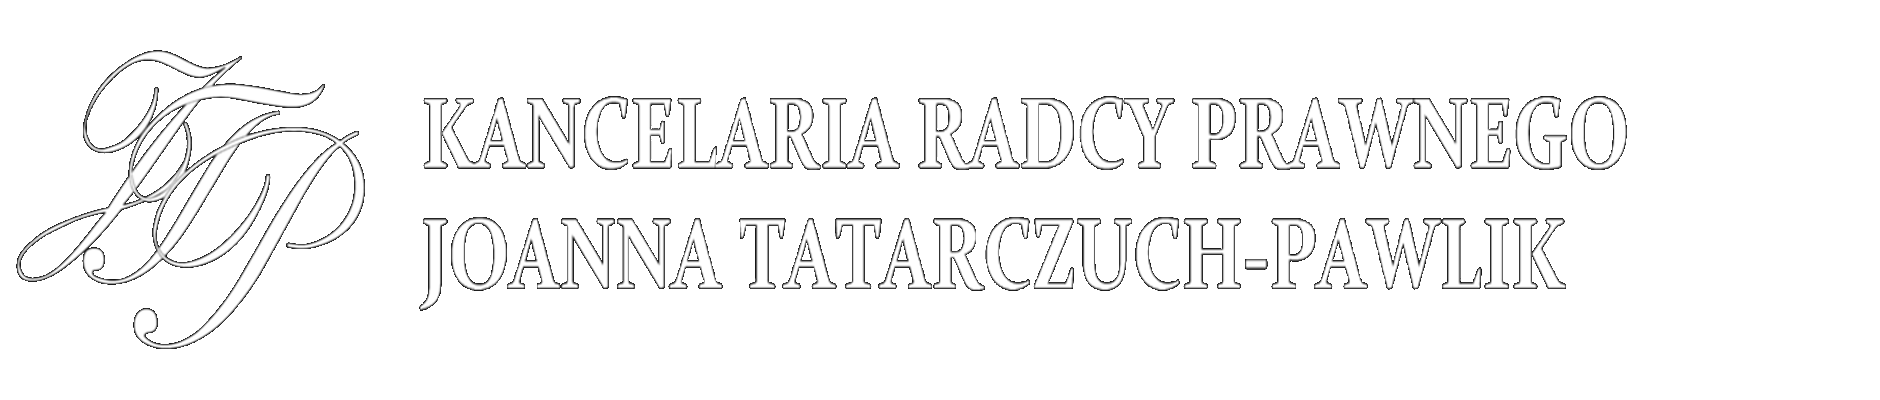 KANCELARIA RADCY PRAWNEGO JOANNA TATARCZUCH-PAWLIK